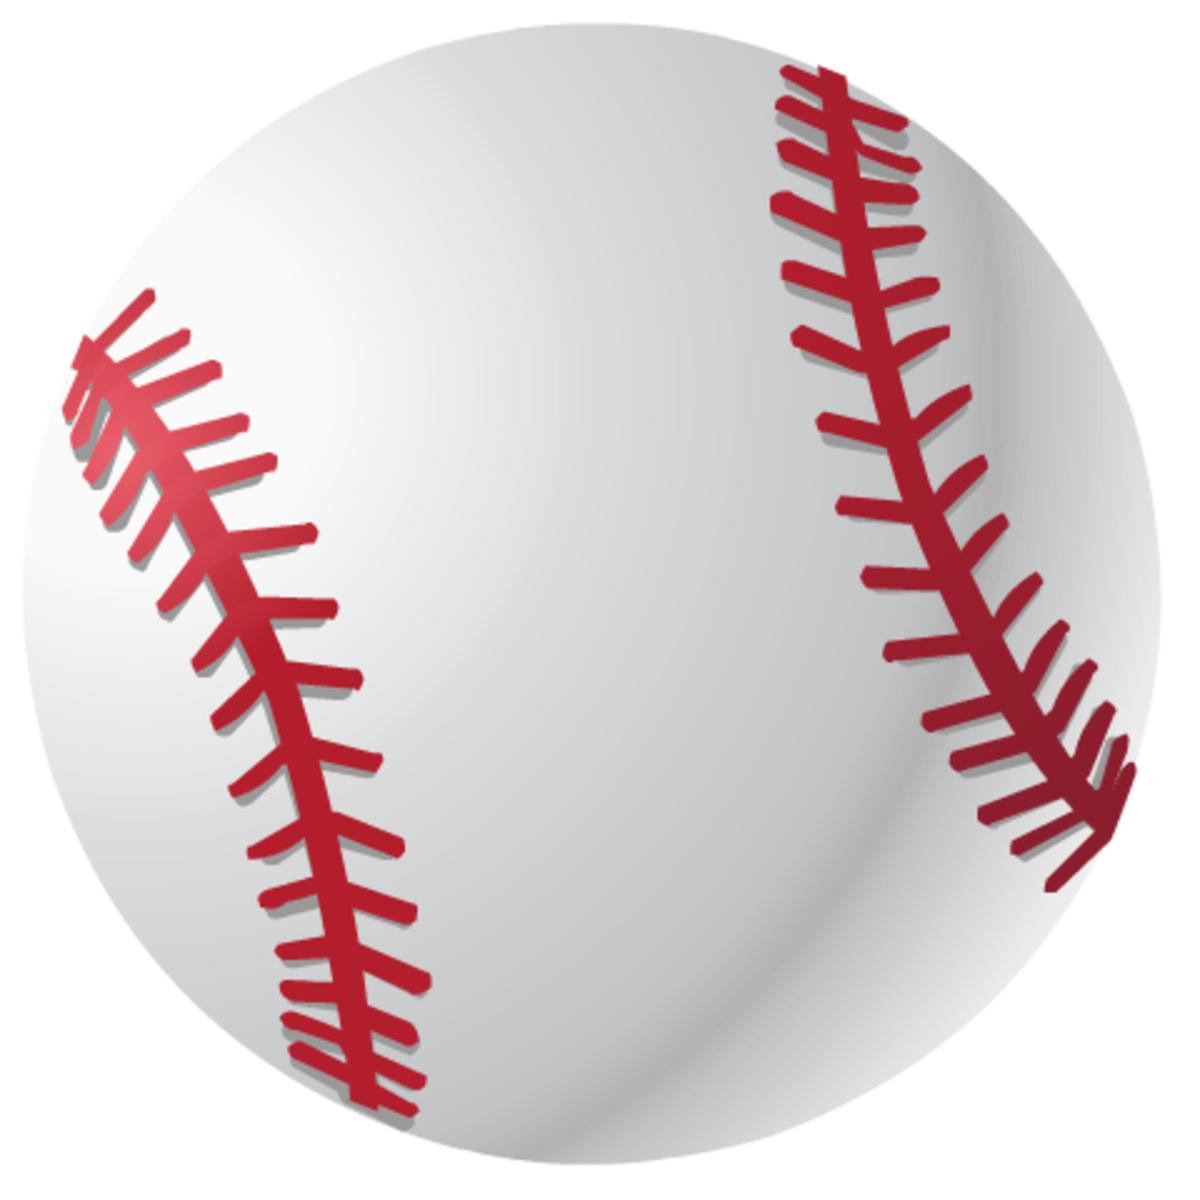 Free baseball clip art: baseball